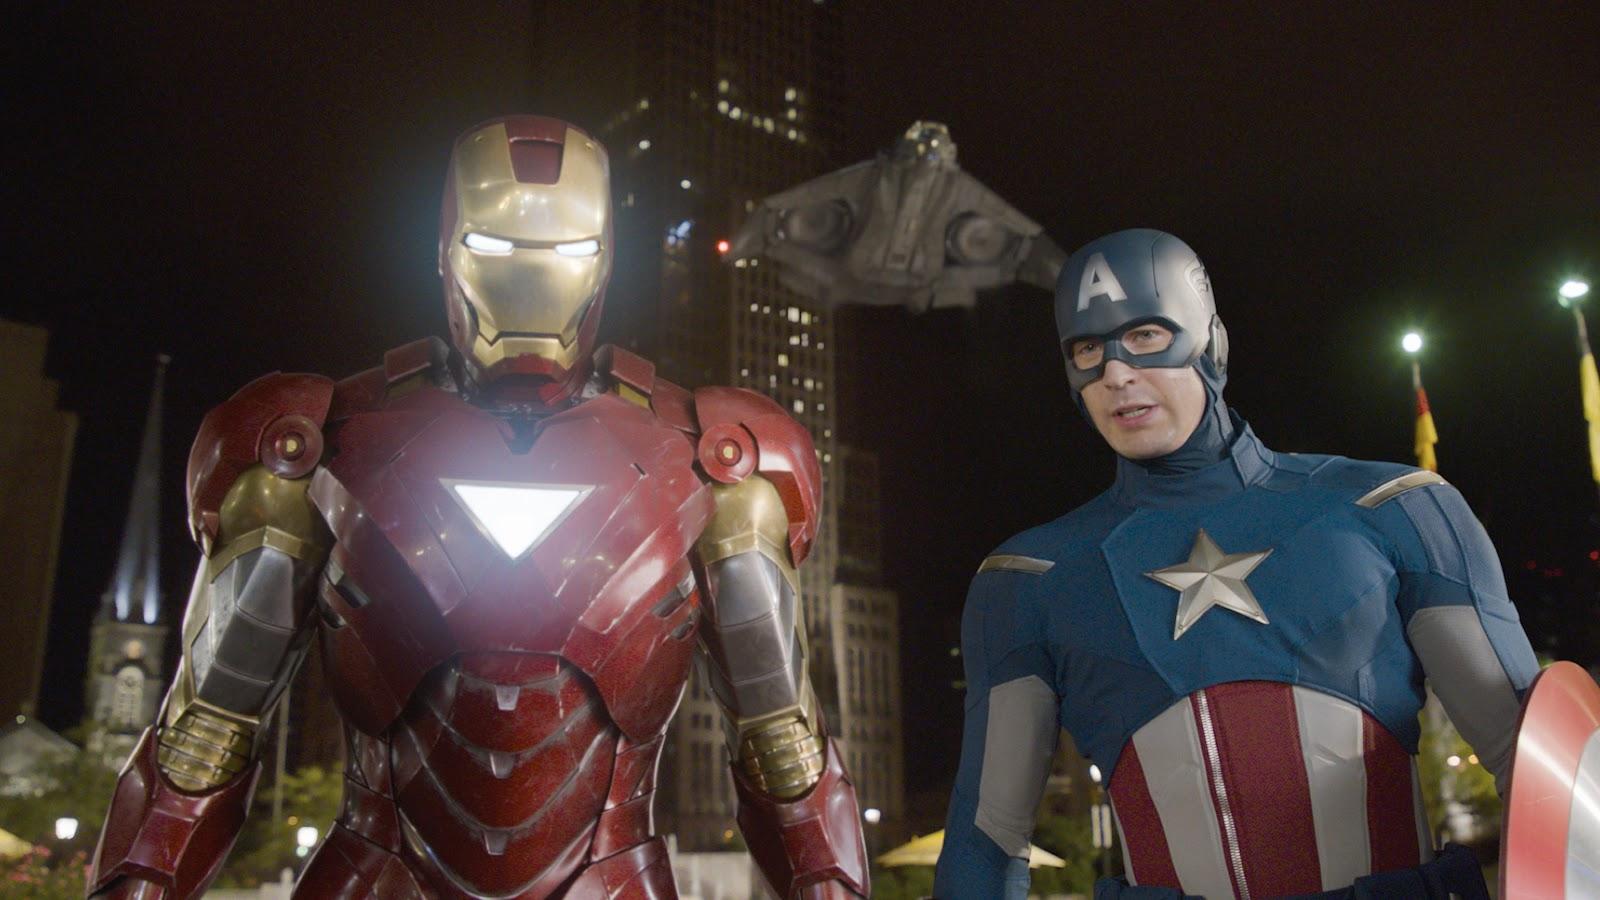 http://2.bp.blogspot.com/-VvA1Gtd34P4/T6Gm7vL5wvI/AAAAAAAAAOA/tLttwaLtjhE/s1600/Film+Review+The+Avengers.JP.jpg